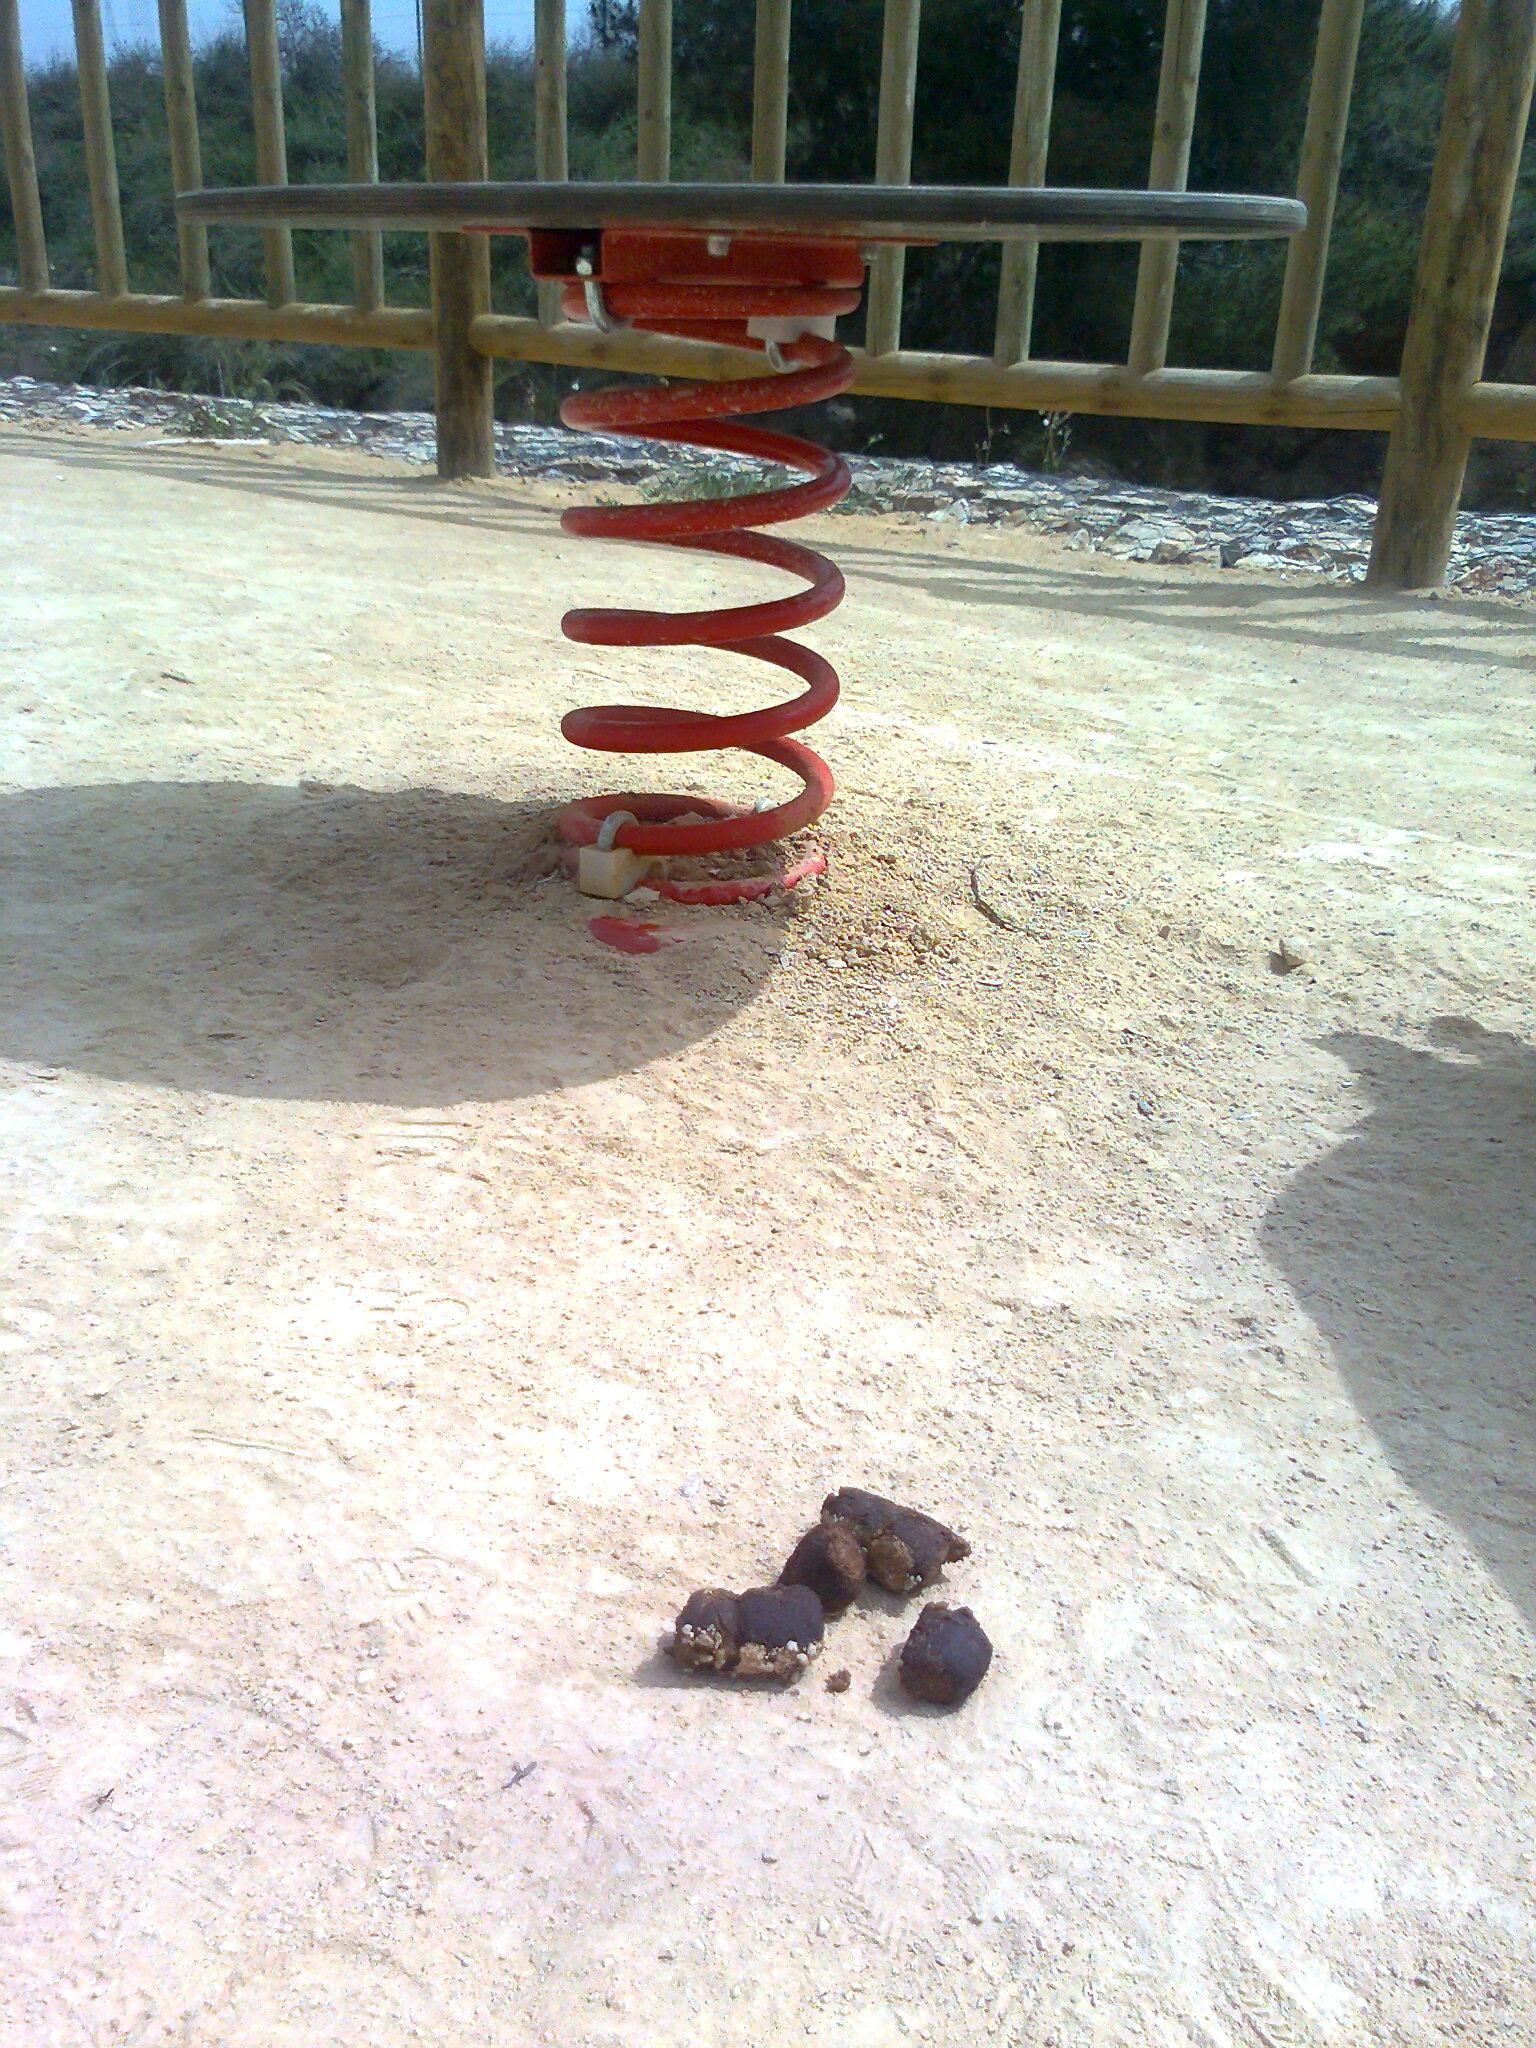 kakas perro en parque | fotos de Fotodenuncias de otros ...